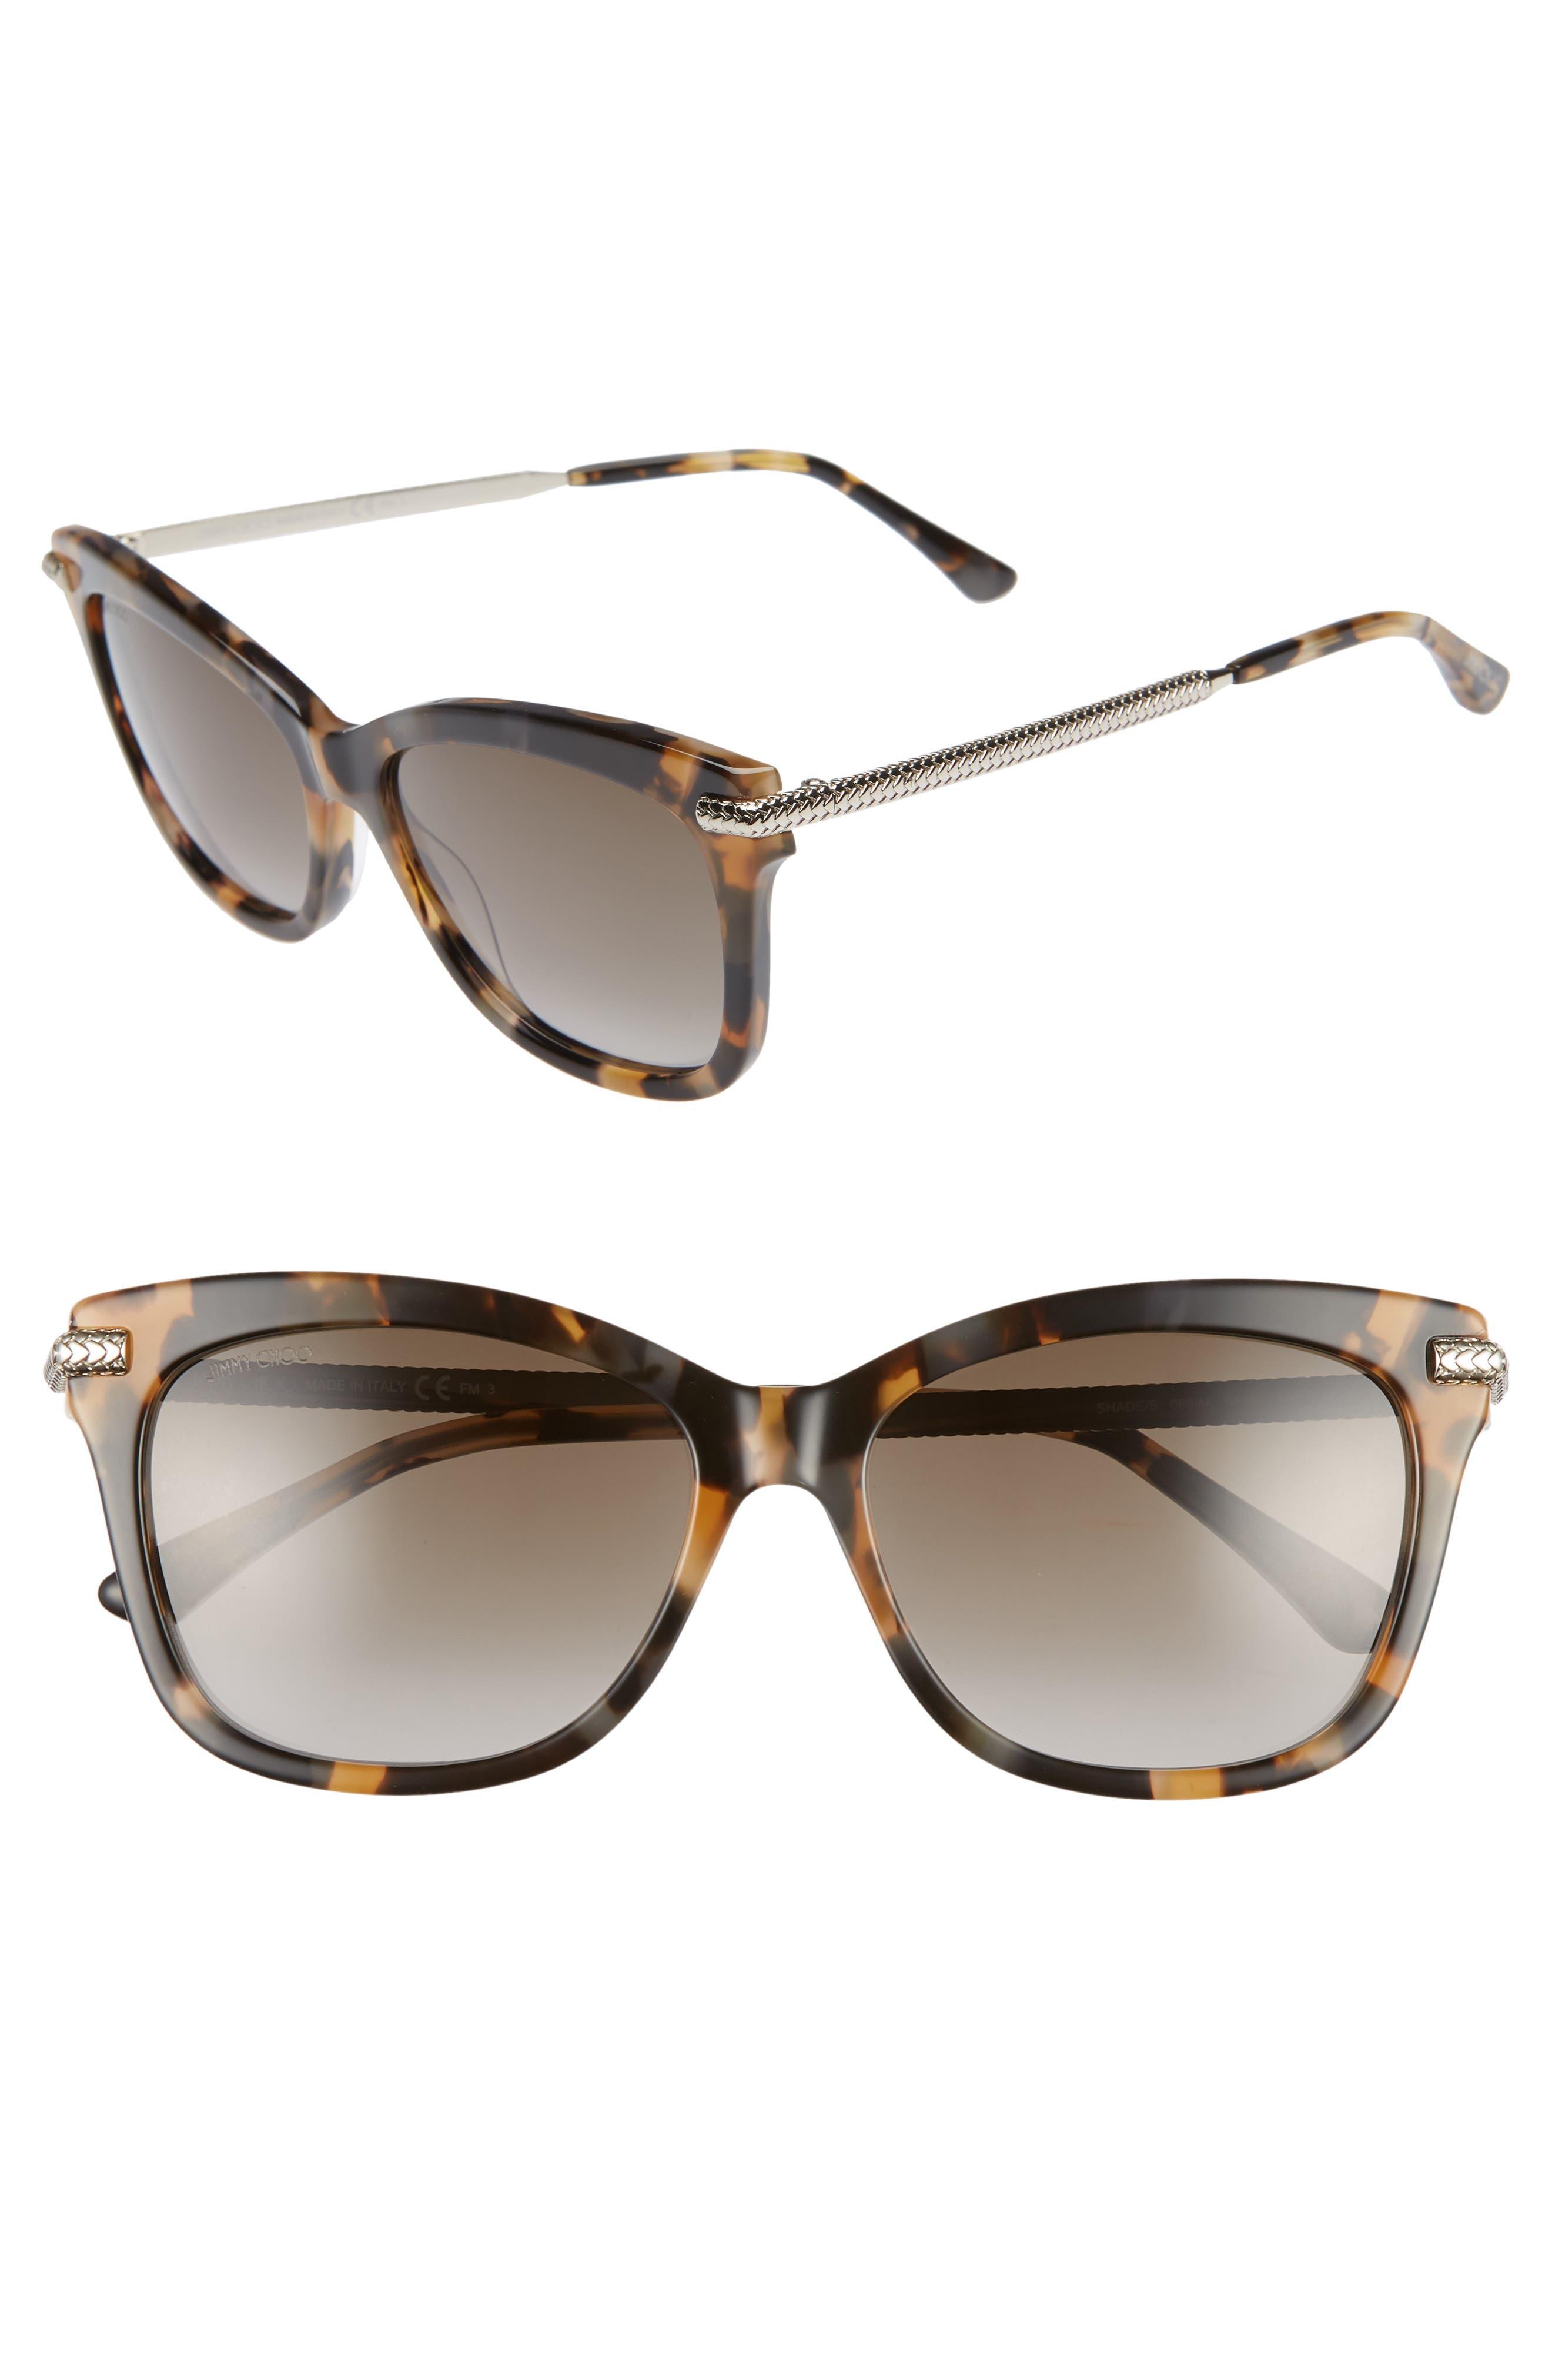 ff2d7826b20f8 Jimmy Choo Sunglasses for Women